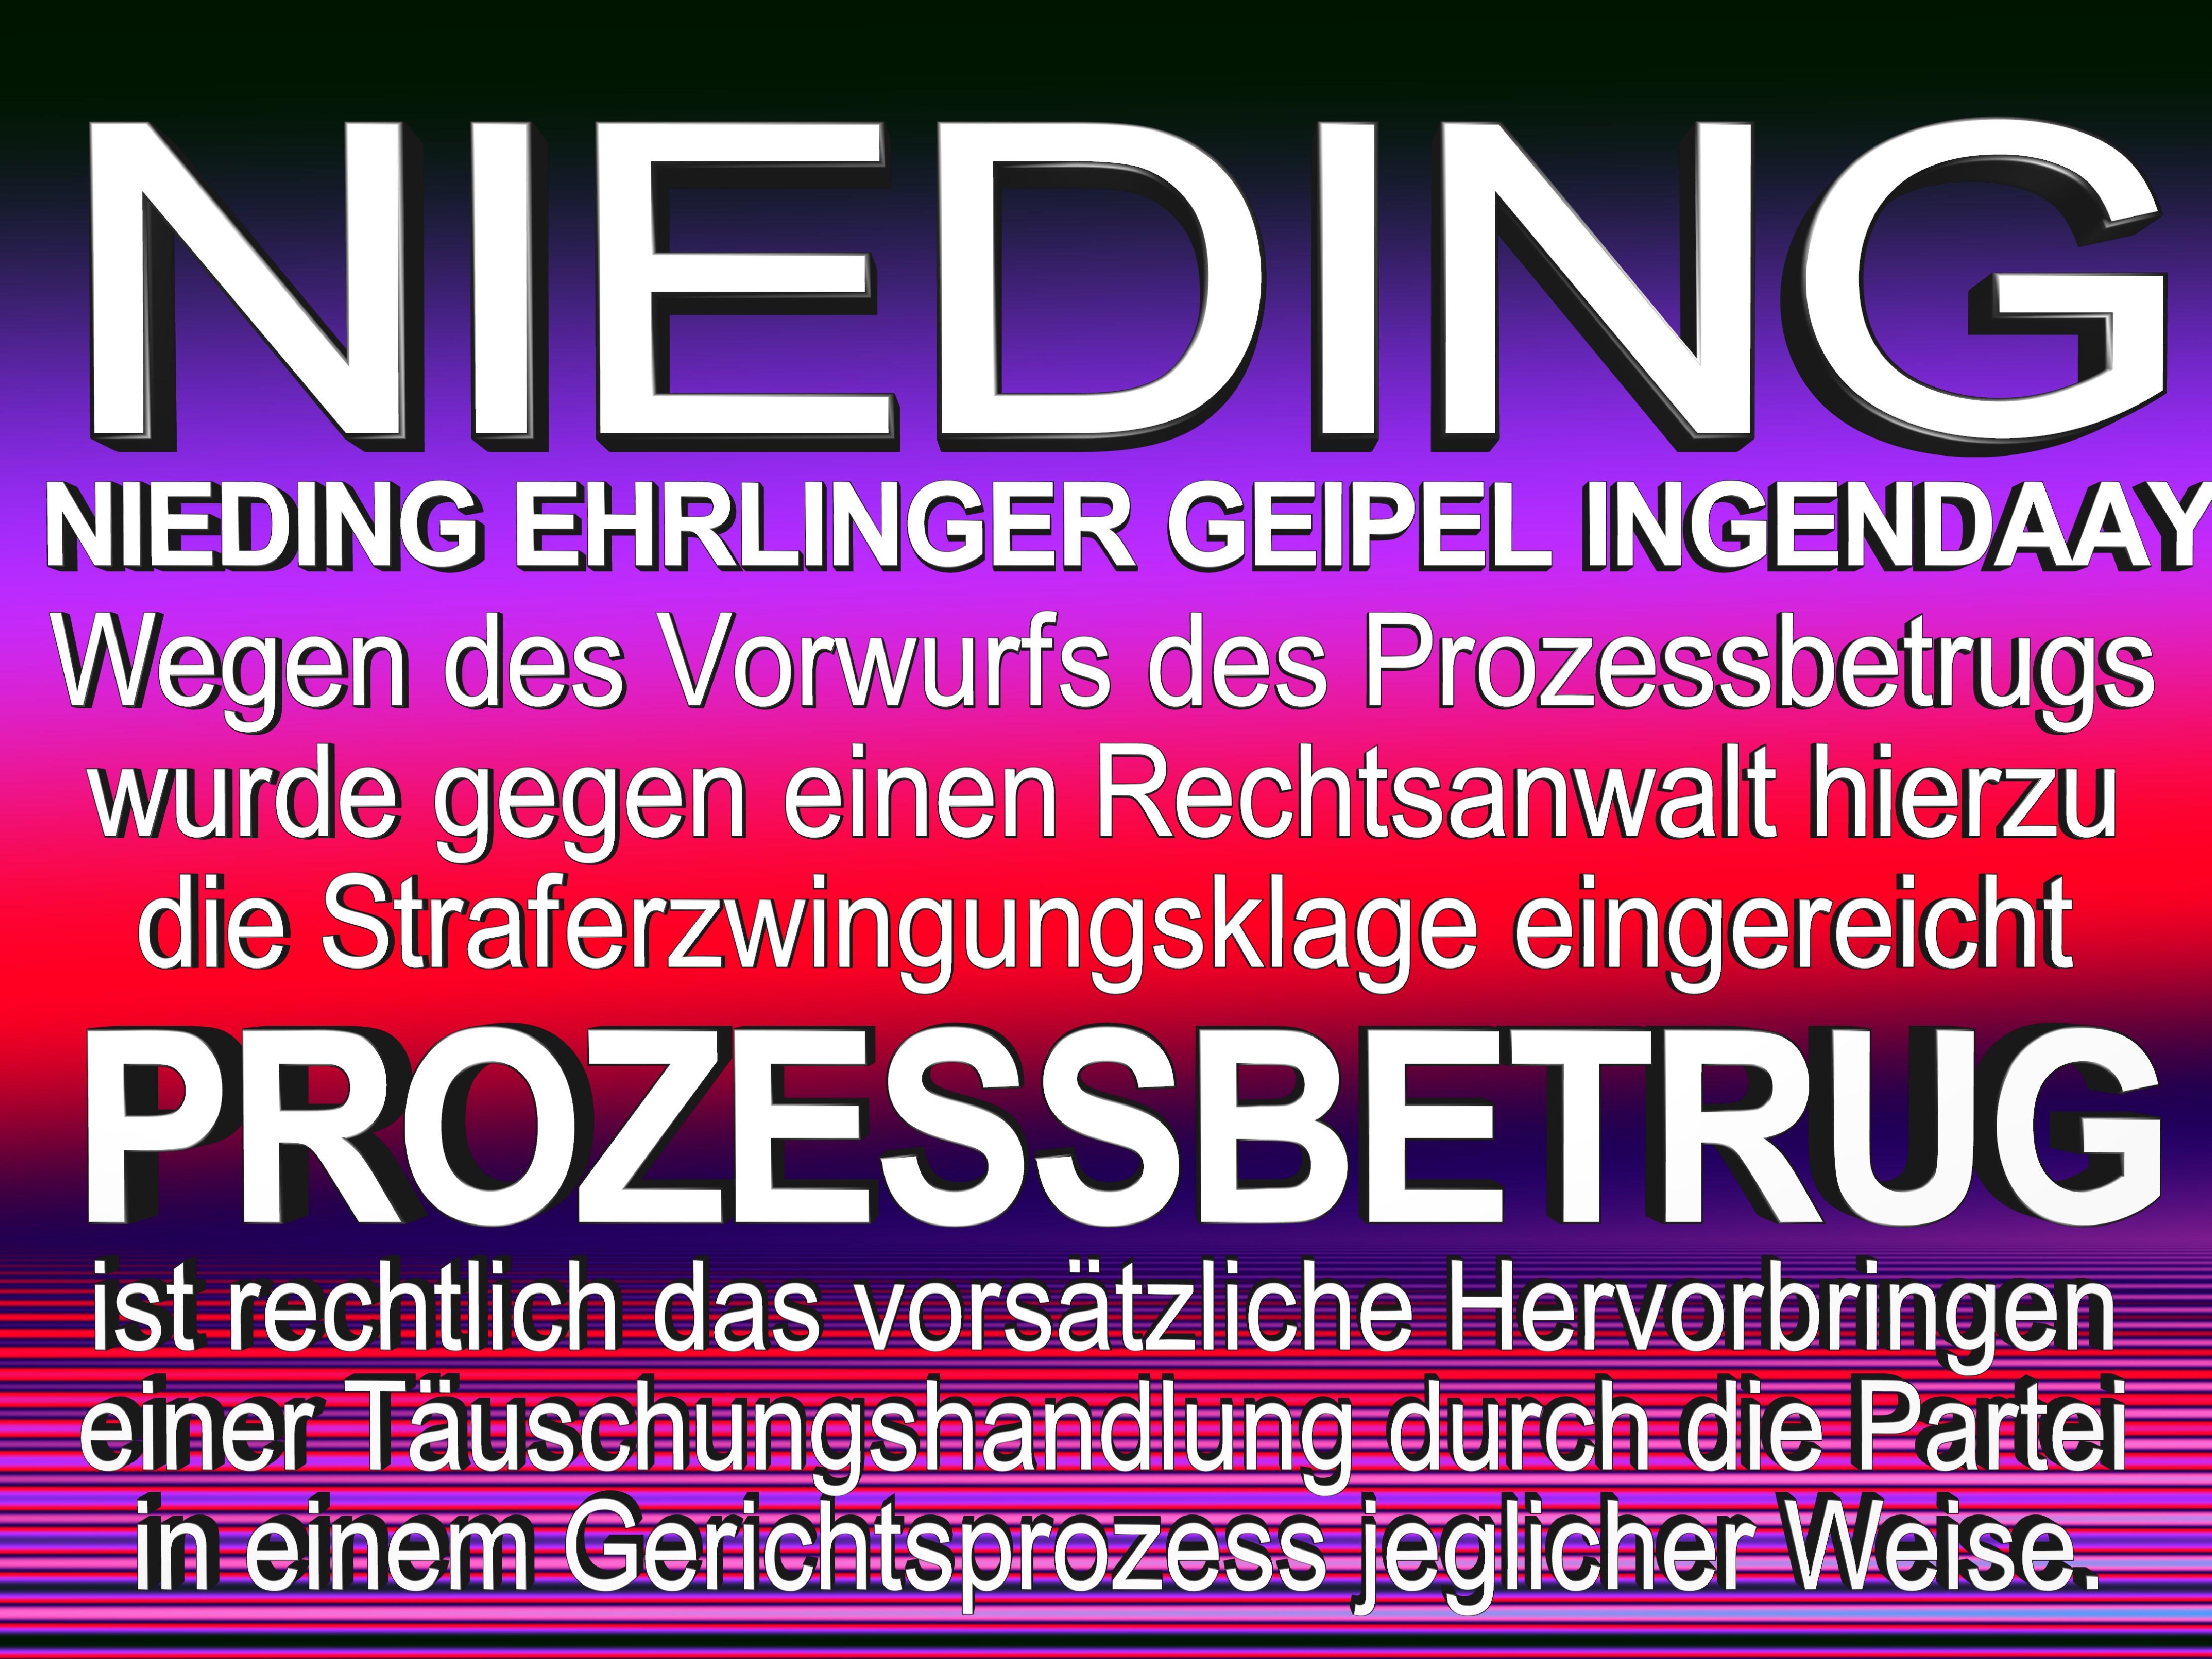 NIEDING EHRLINGER GEIPEL INGENDAAY LELKE Kurfürstendamm 66 Berlin (63)